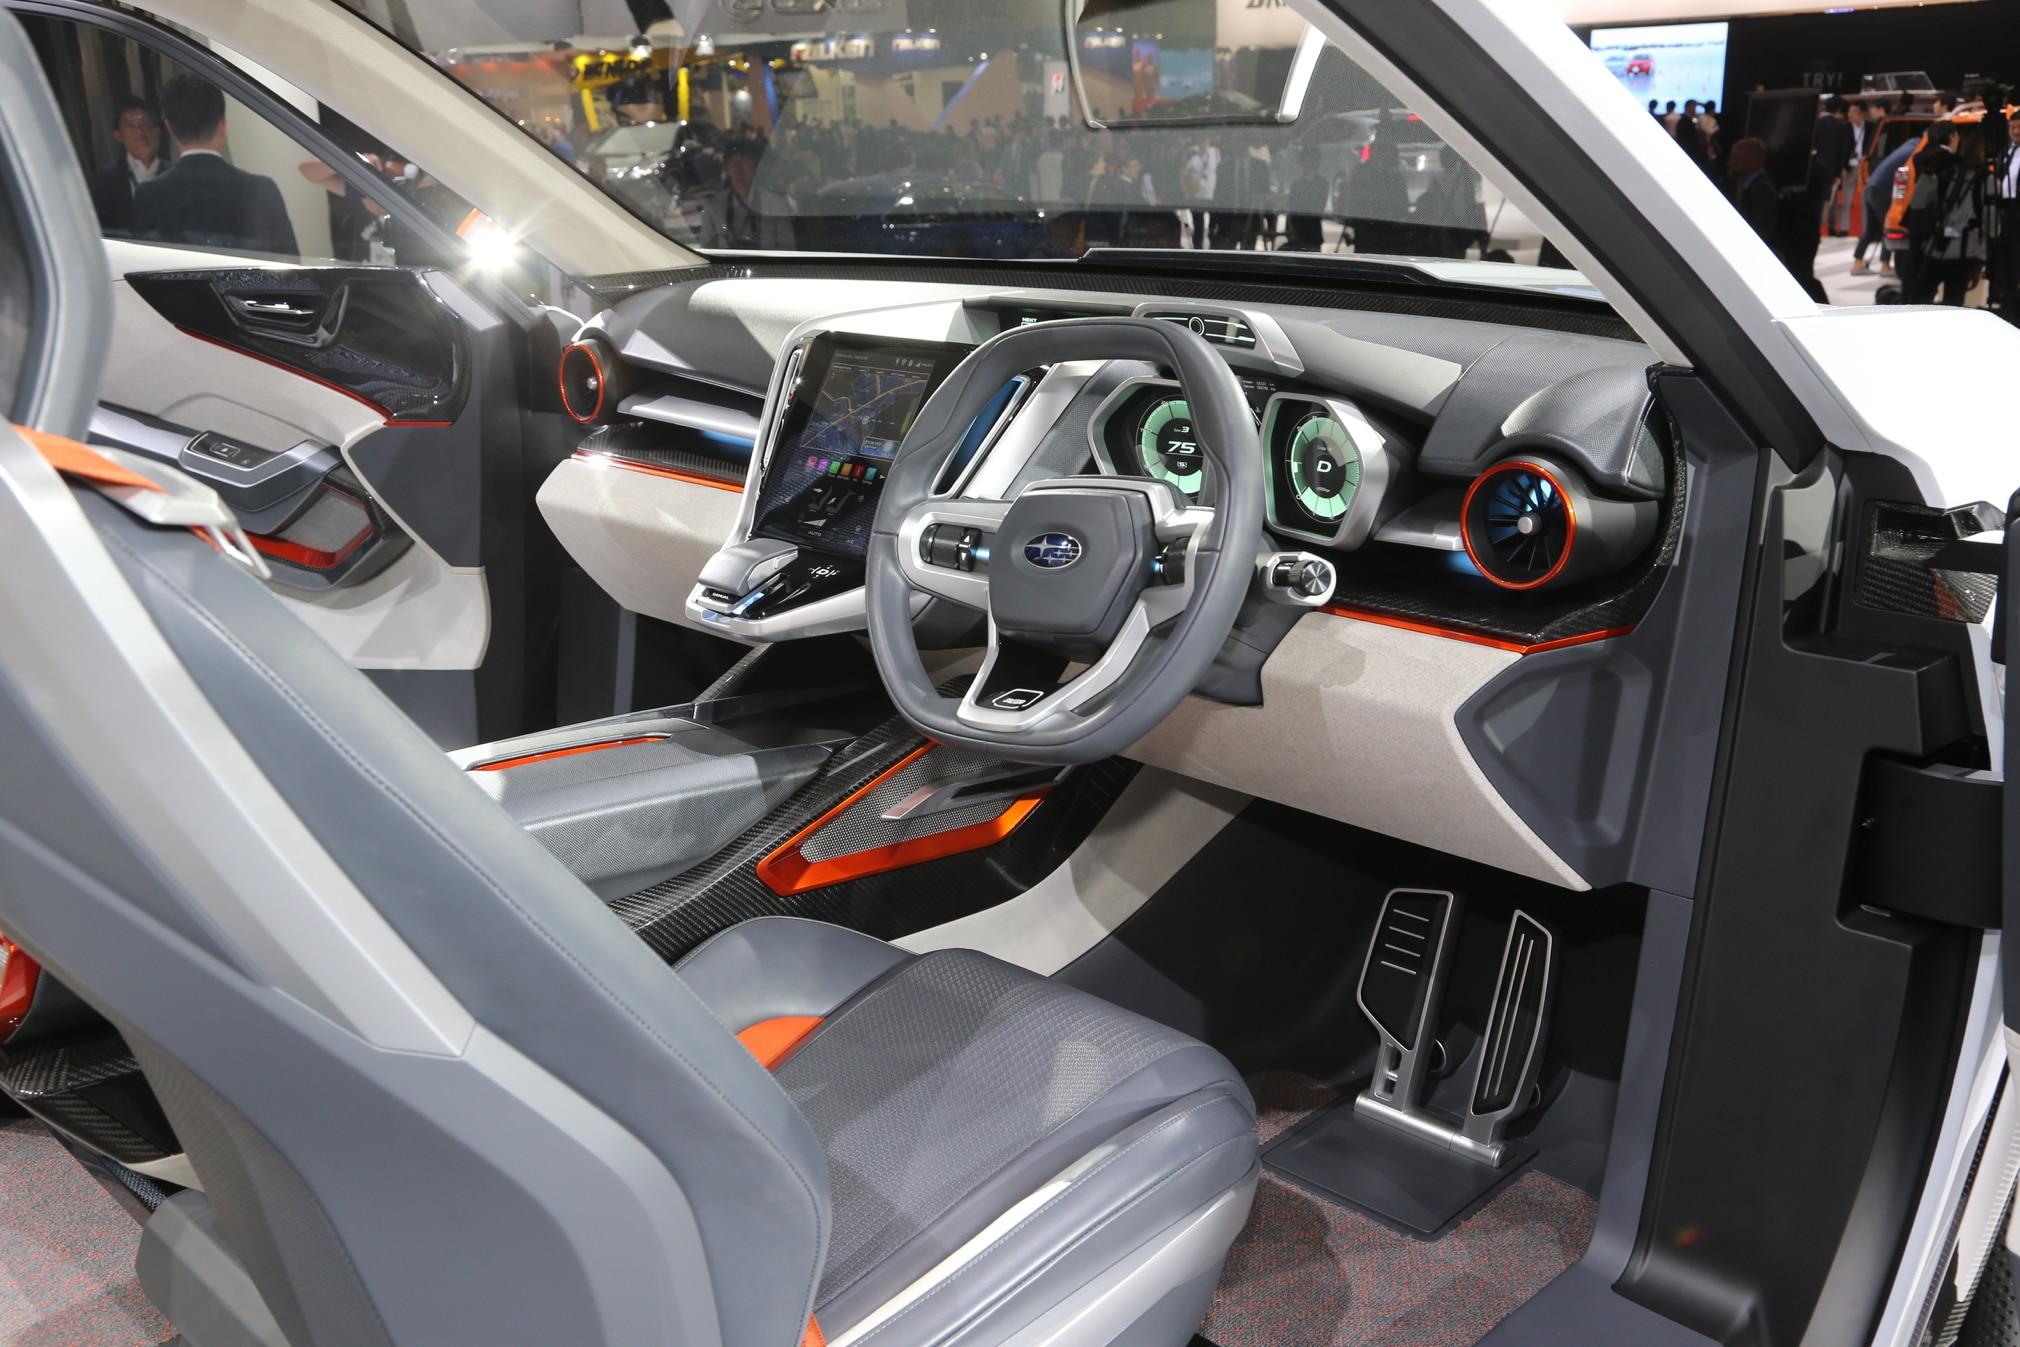 Subaru Impreza 5 Door Viziv Suv Concepts Headed For Tokyo Debut